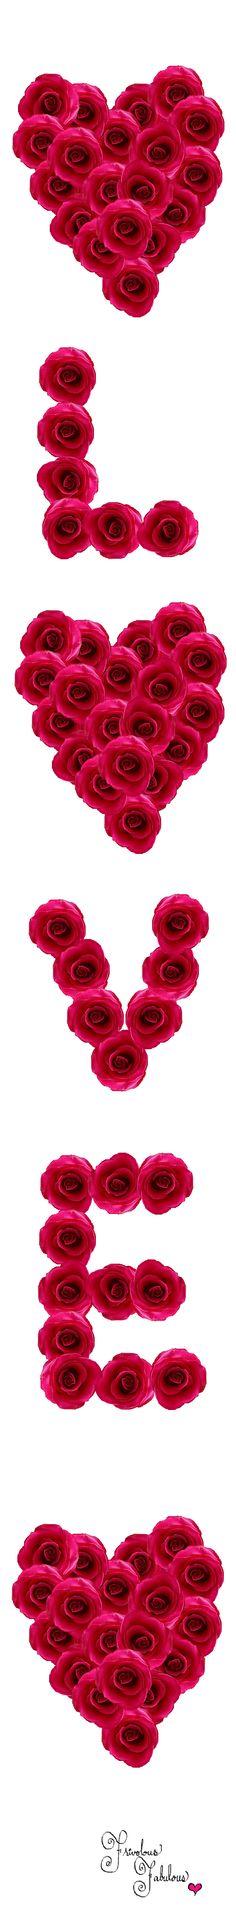 Frivolous Fabulous - Hearts Roses and Love I Love You All, What Is Love, Hearts And Roses, Red Roses, Rose Bonbon, Love Days, Happy Vibes, Thinking Day, Happy Valentines Day